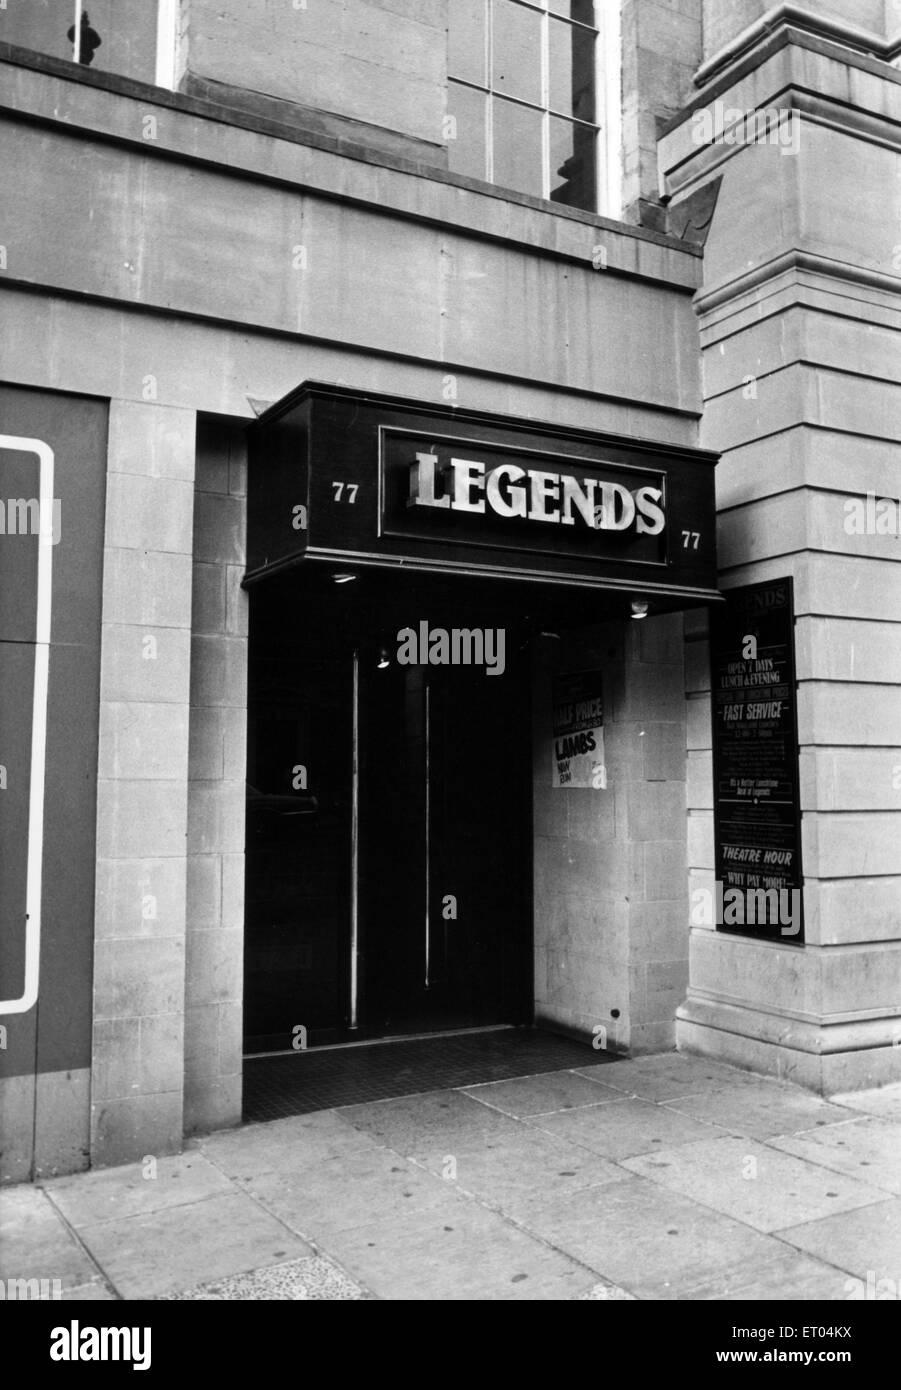 Leyendas, Discoteca, Newcastle, Circa 1983. Imagen De Stock